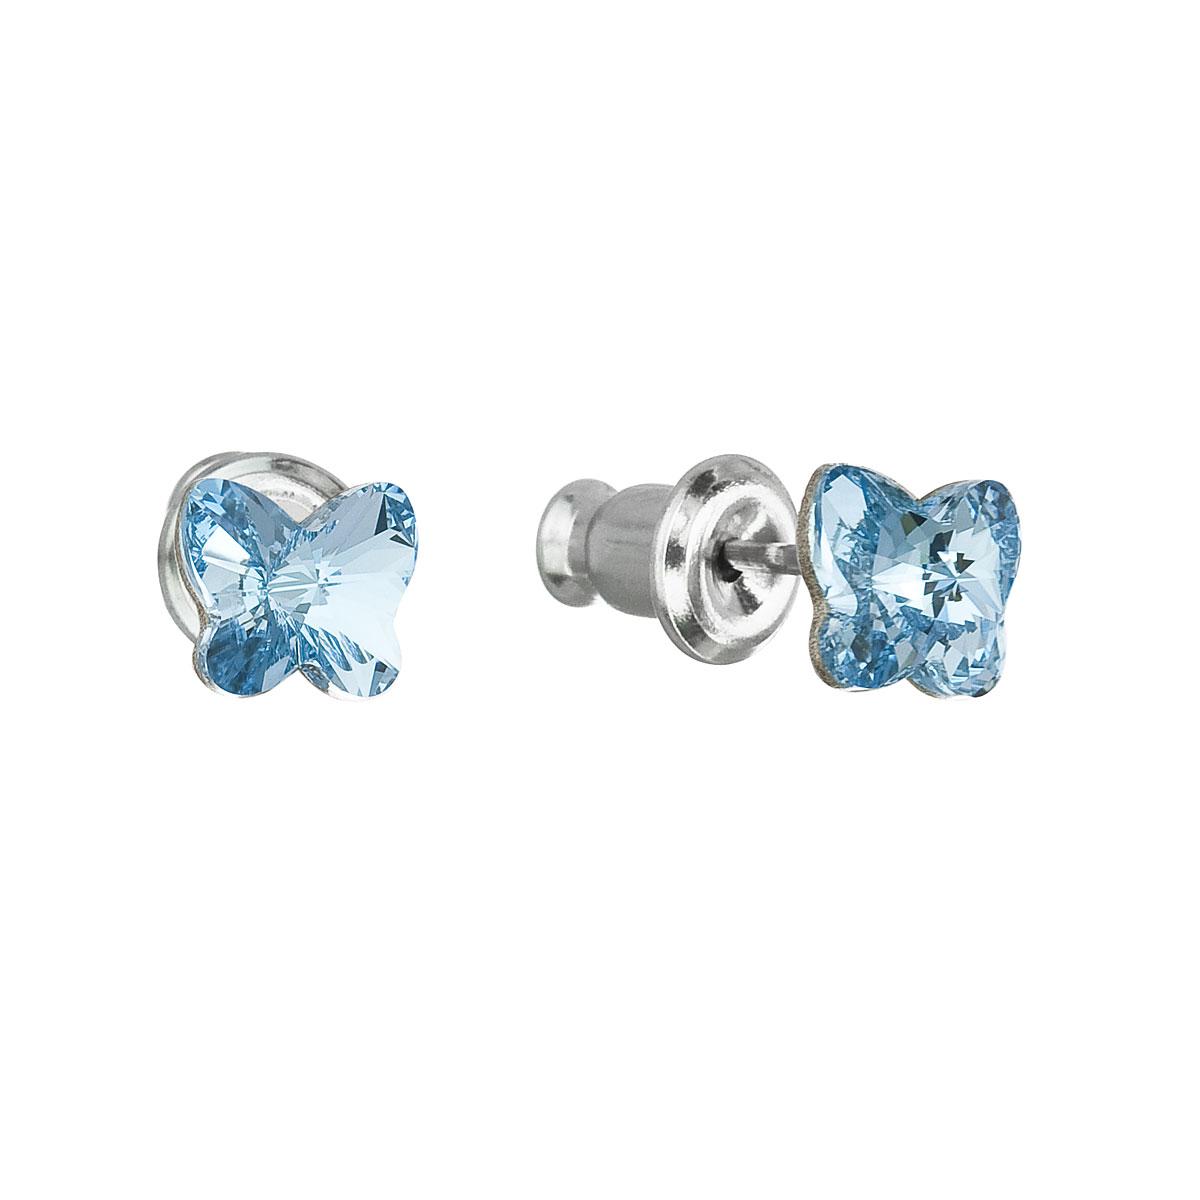 Náušnice bižutéria so Swarovski krištáľmi modrý motýľ 51049.3 aqua